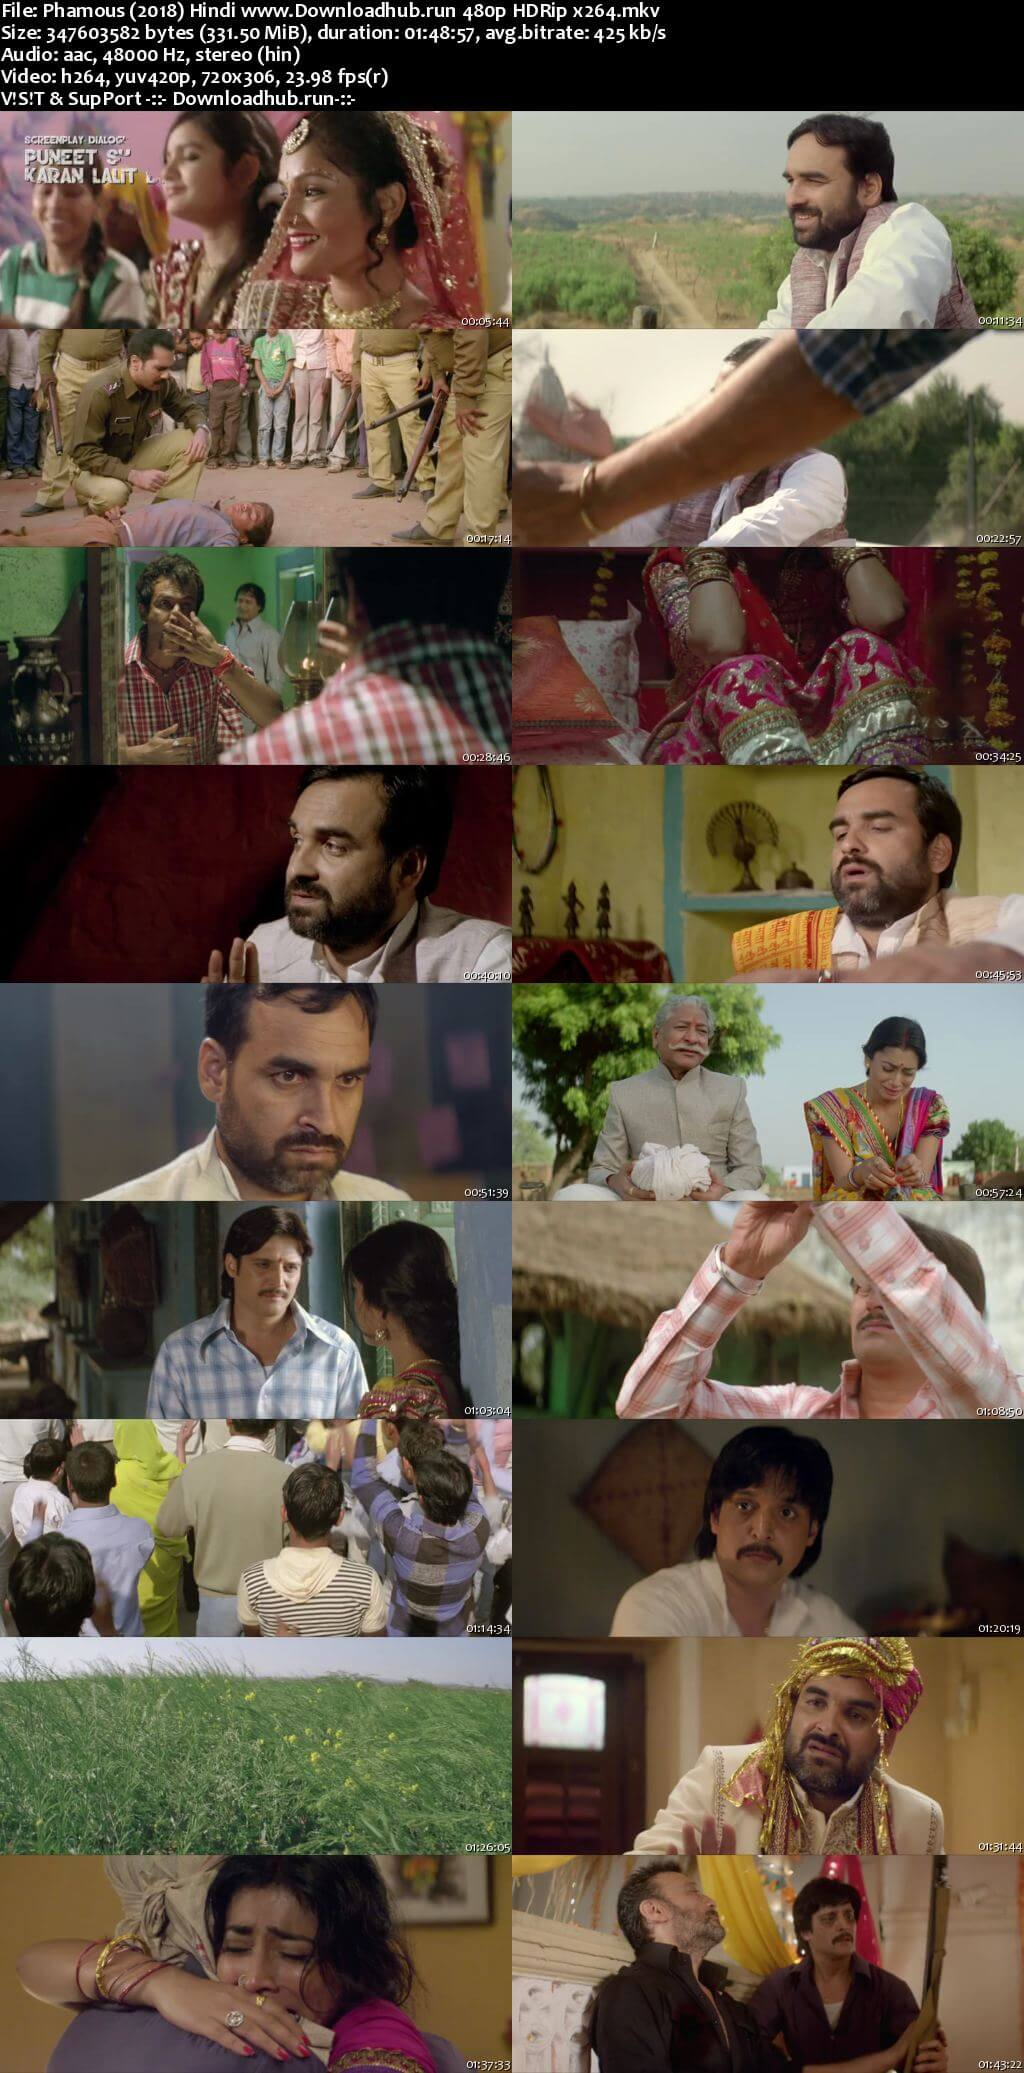 Phamous 2018 Hindi 300MB HDRip 480p